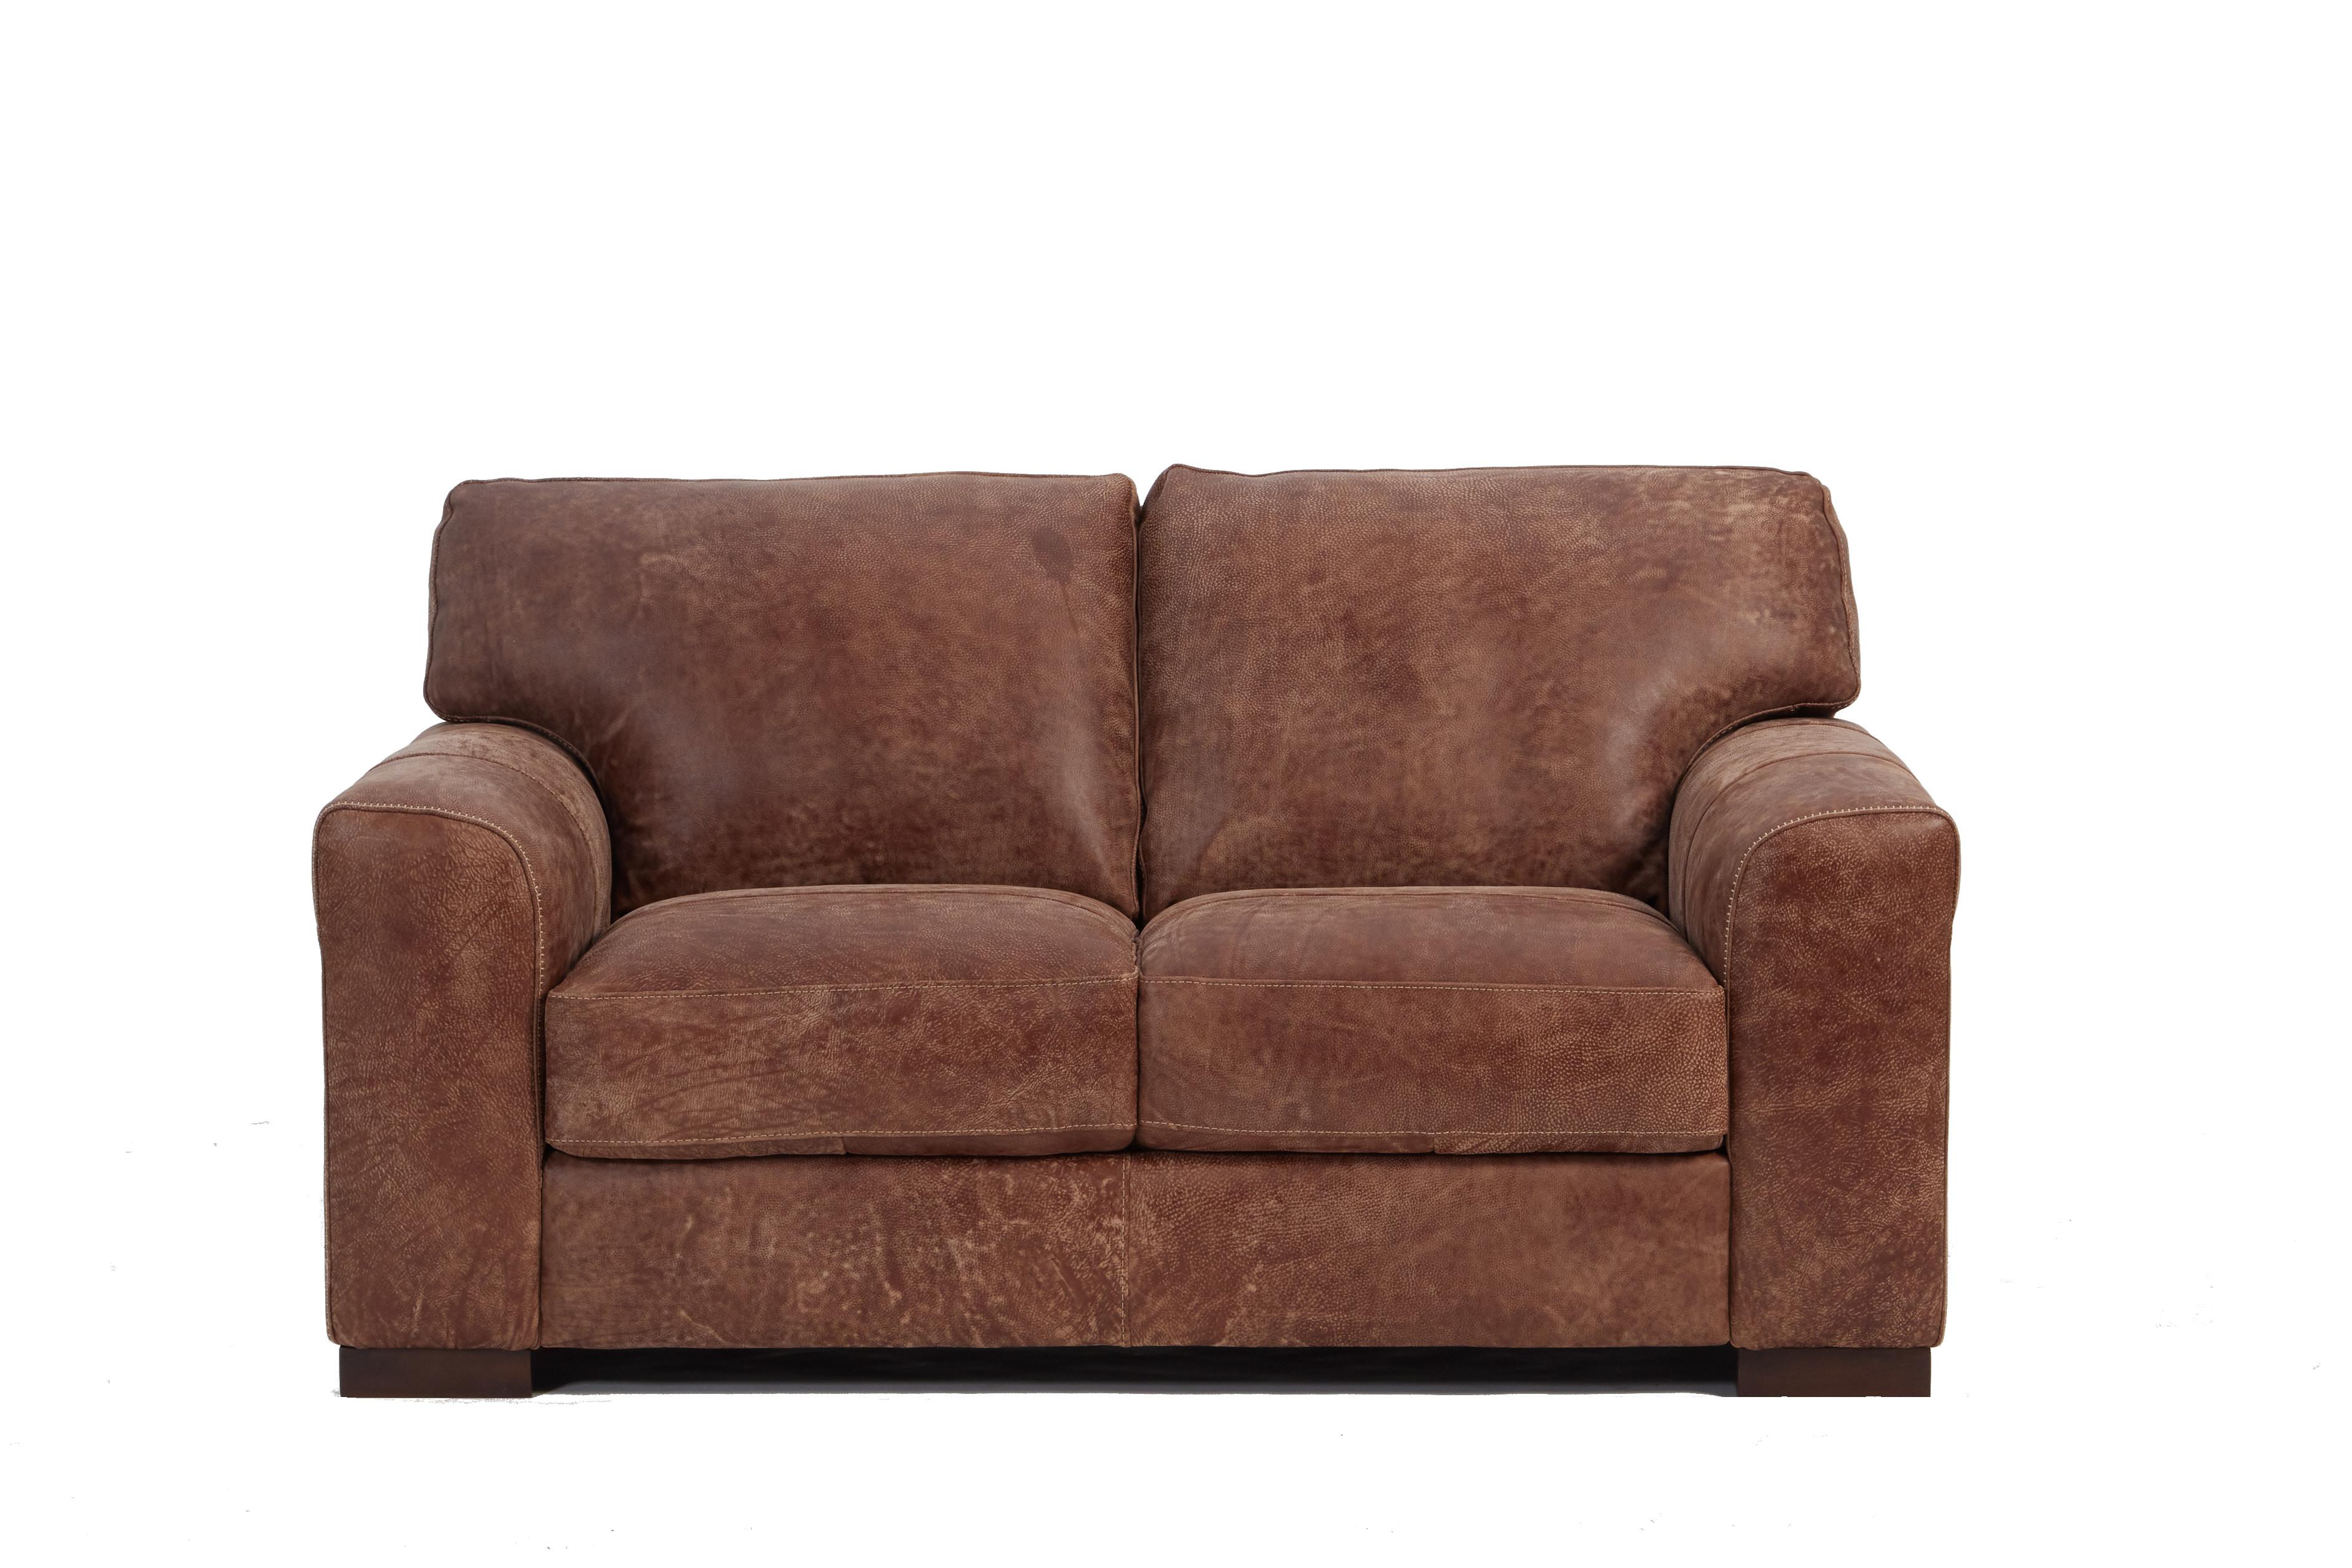 Sovana 2 Seater Sofa